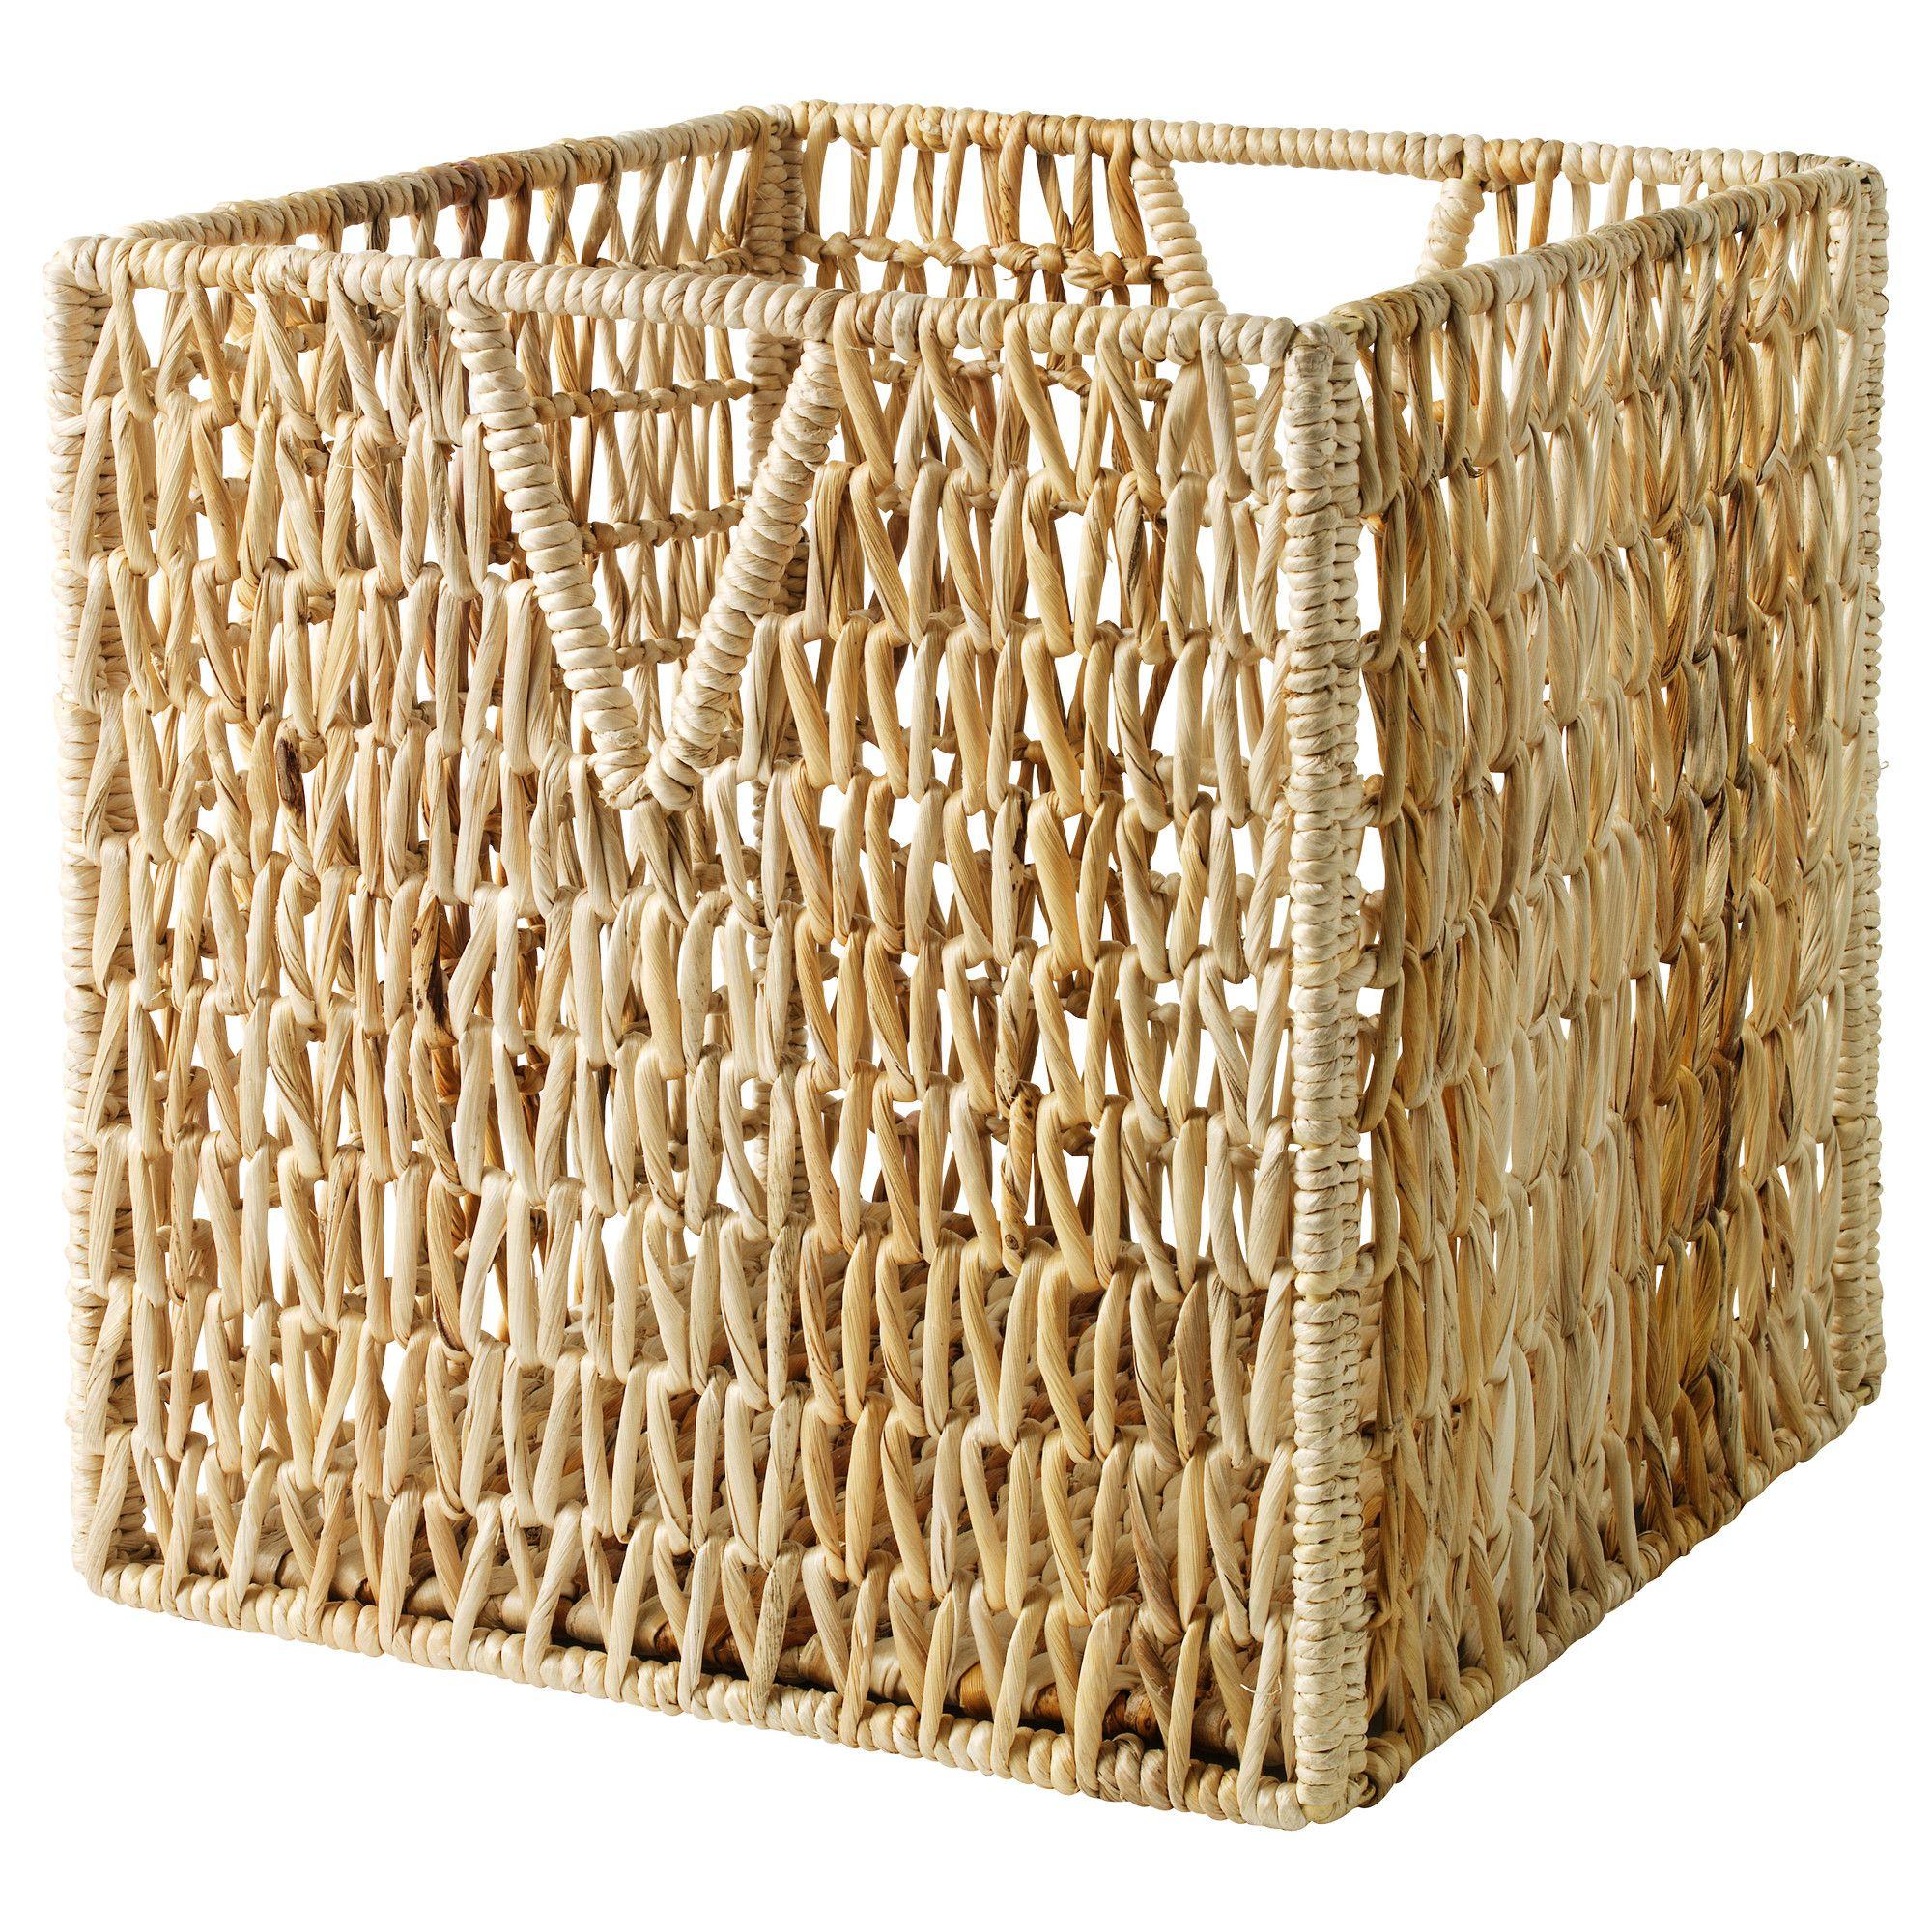 Wicker Washing Basket Ikea